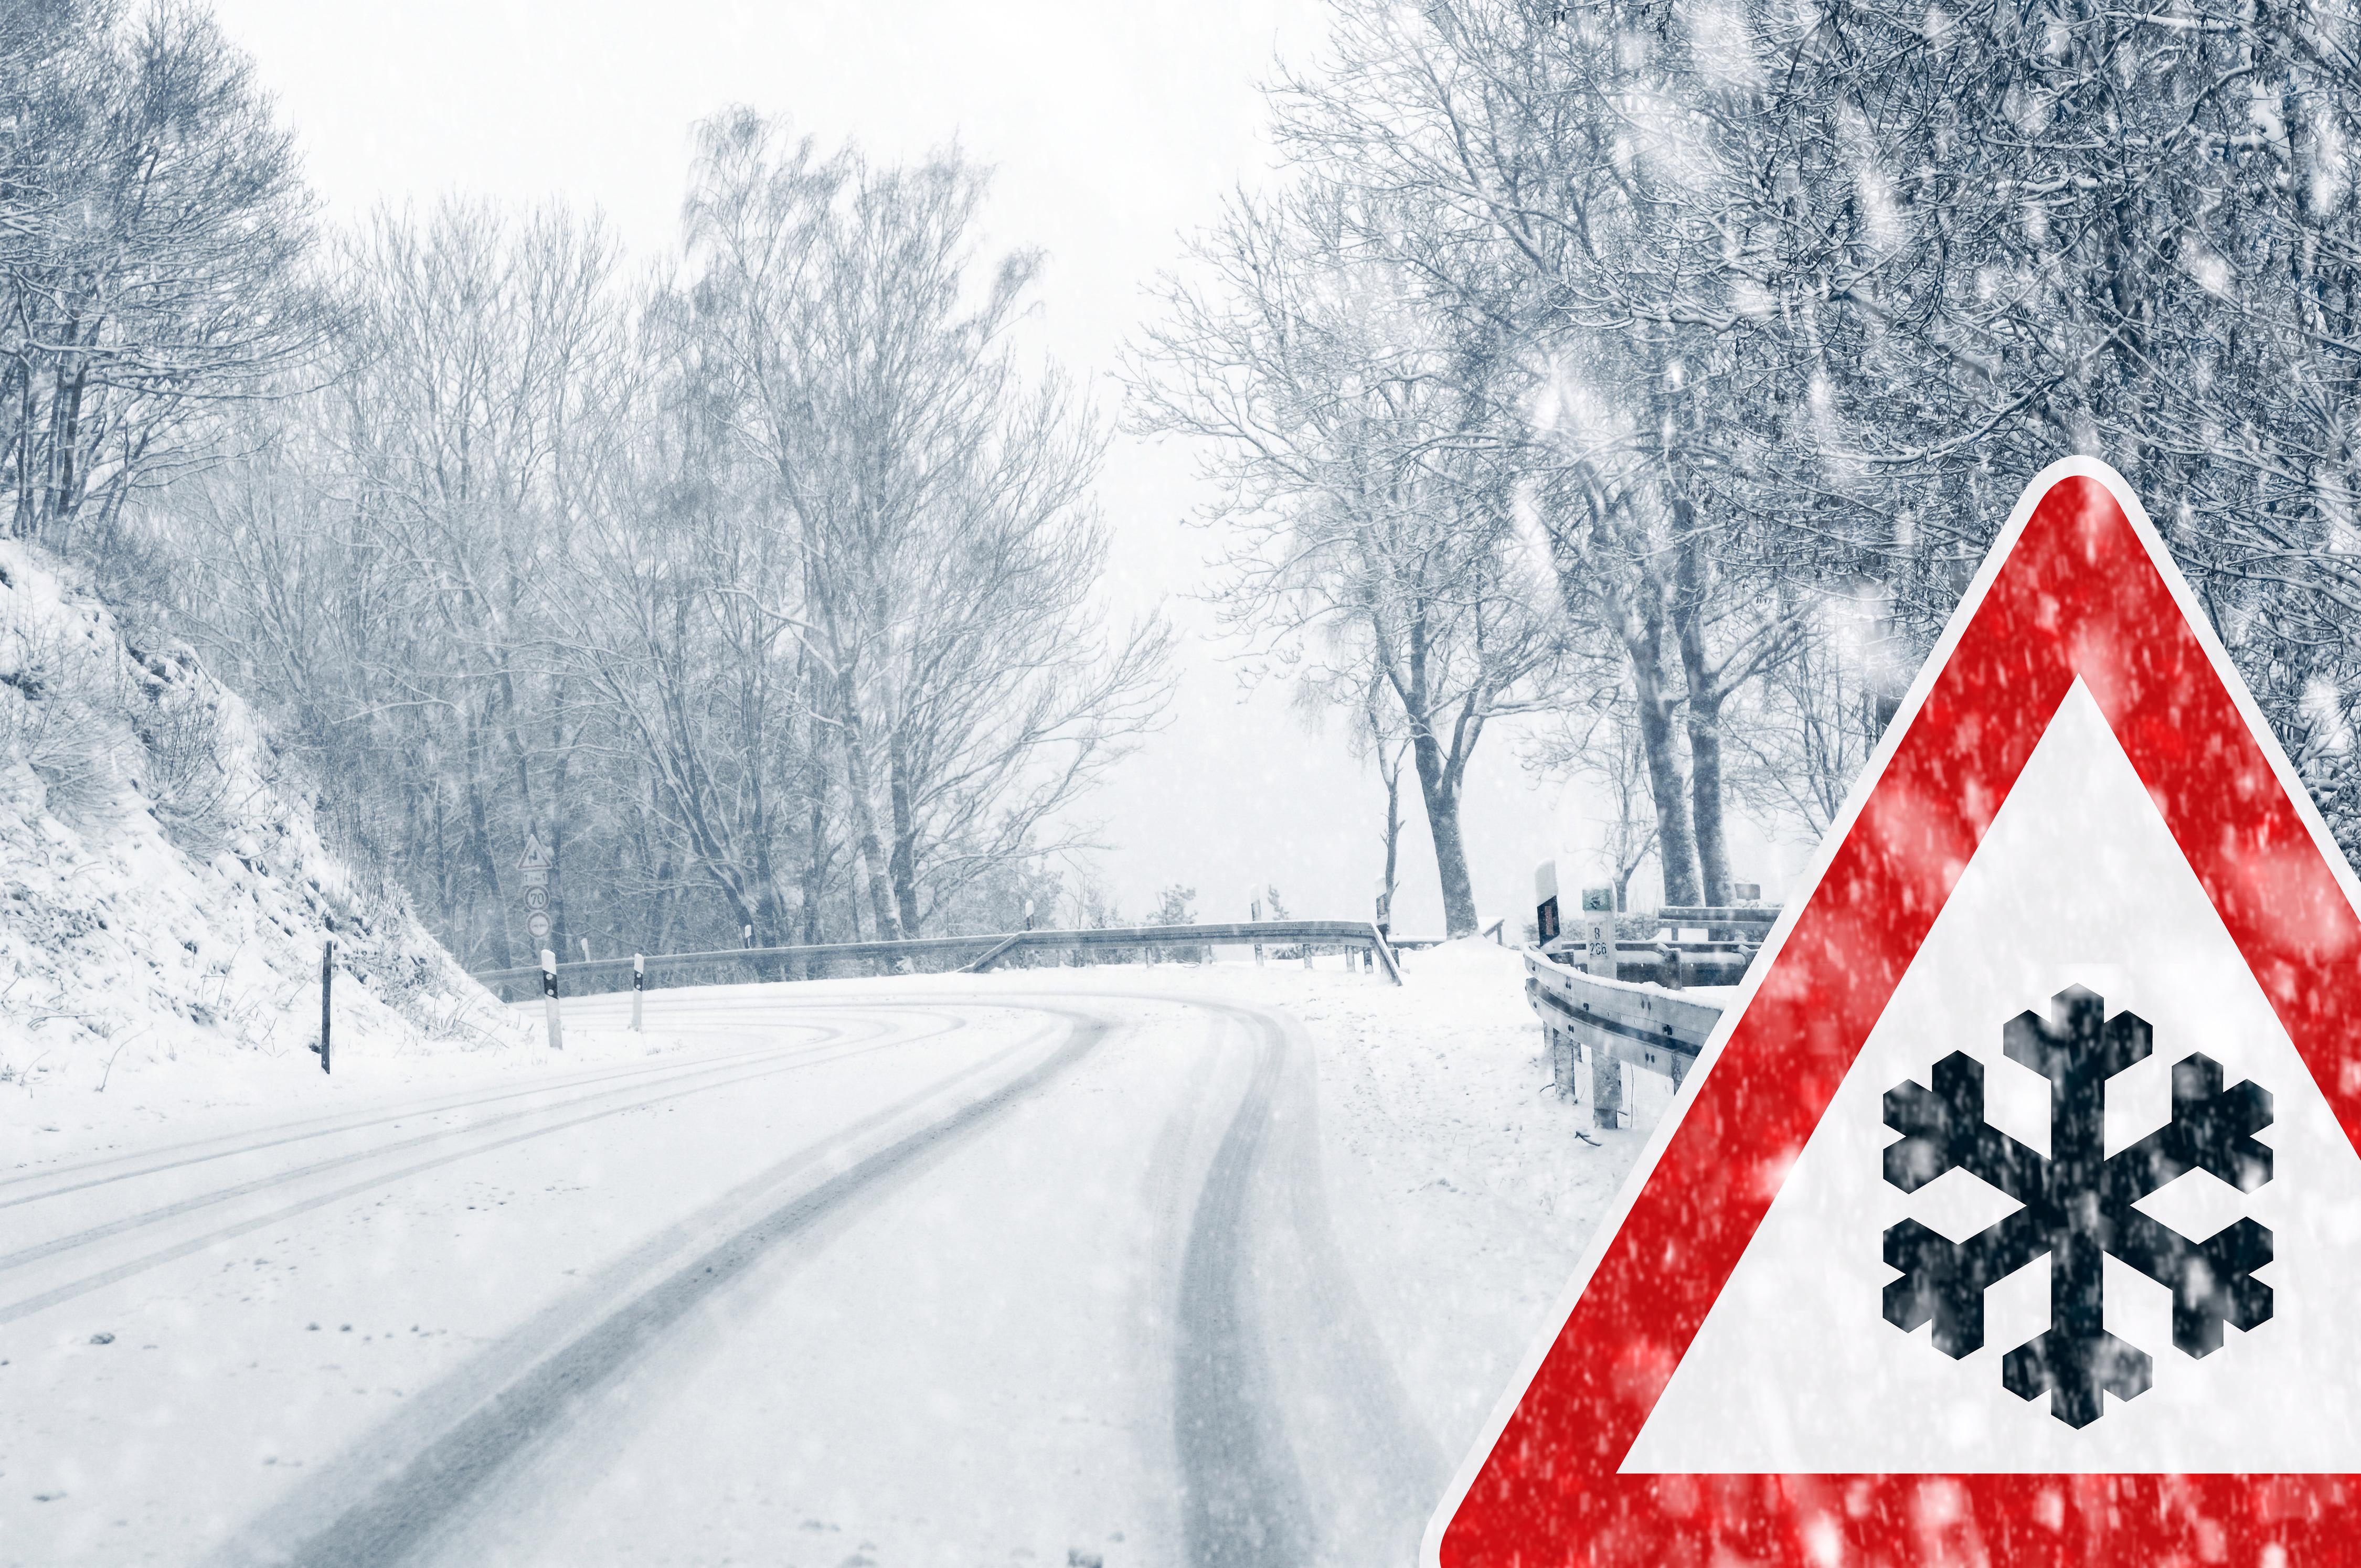 Aktualizováno: Povinnost zimních pneumatik 2020/2021